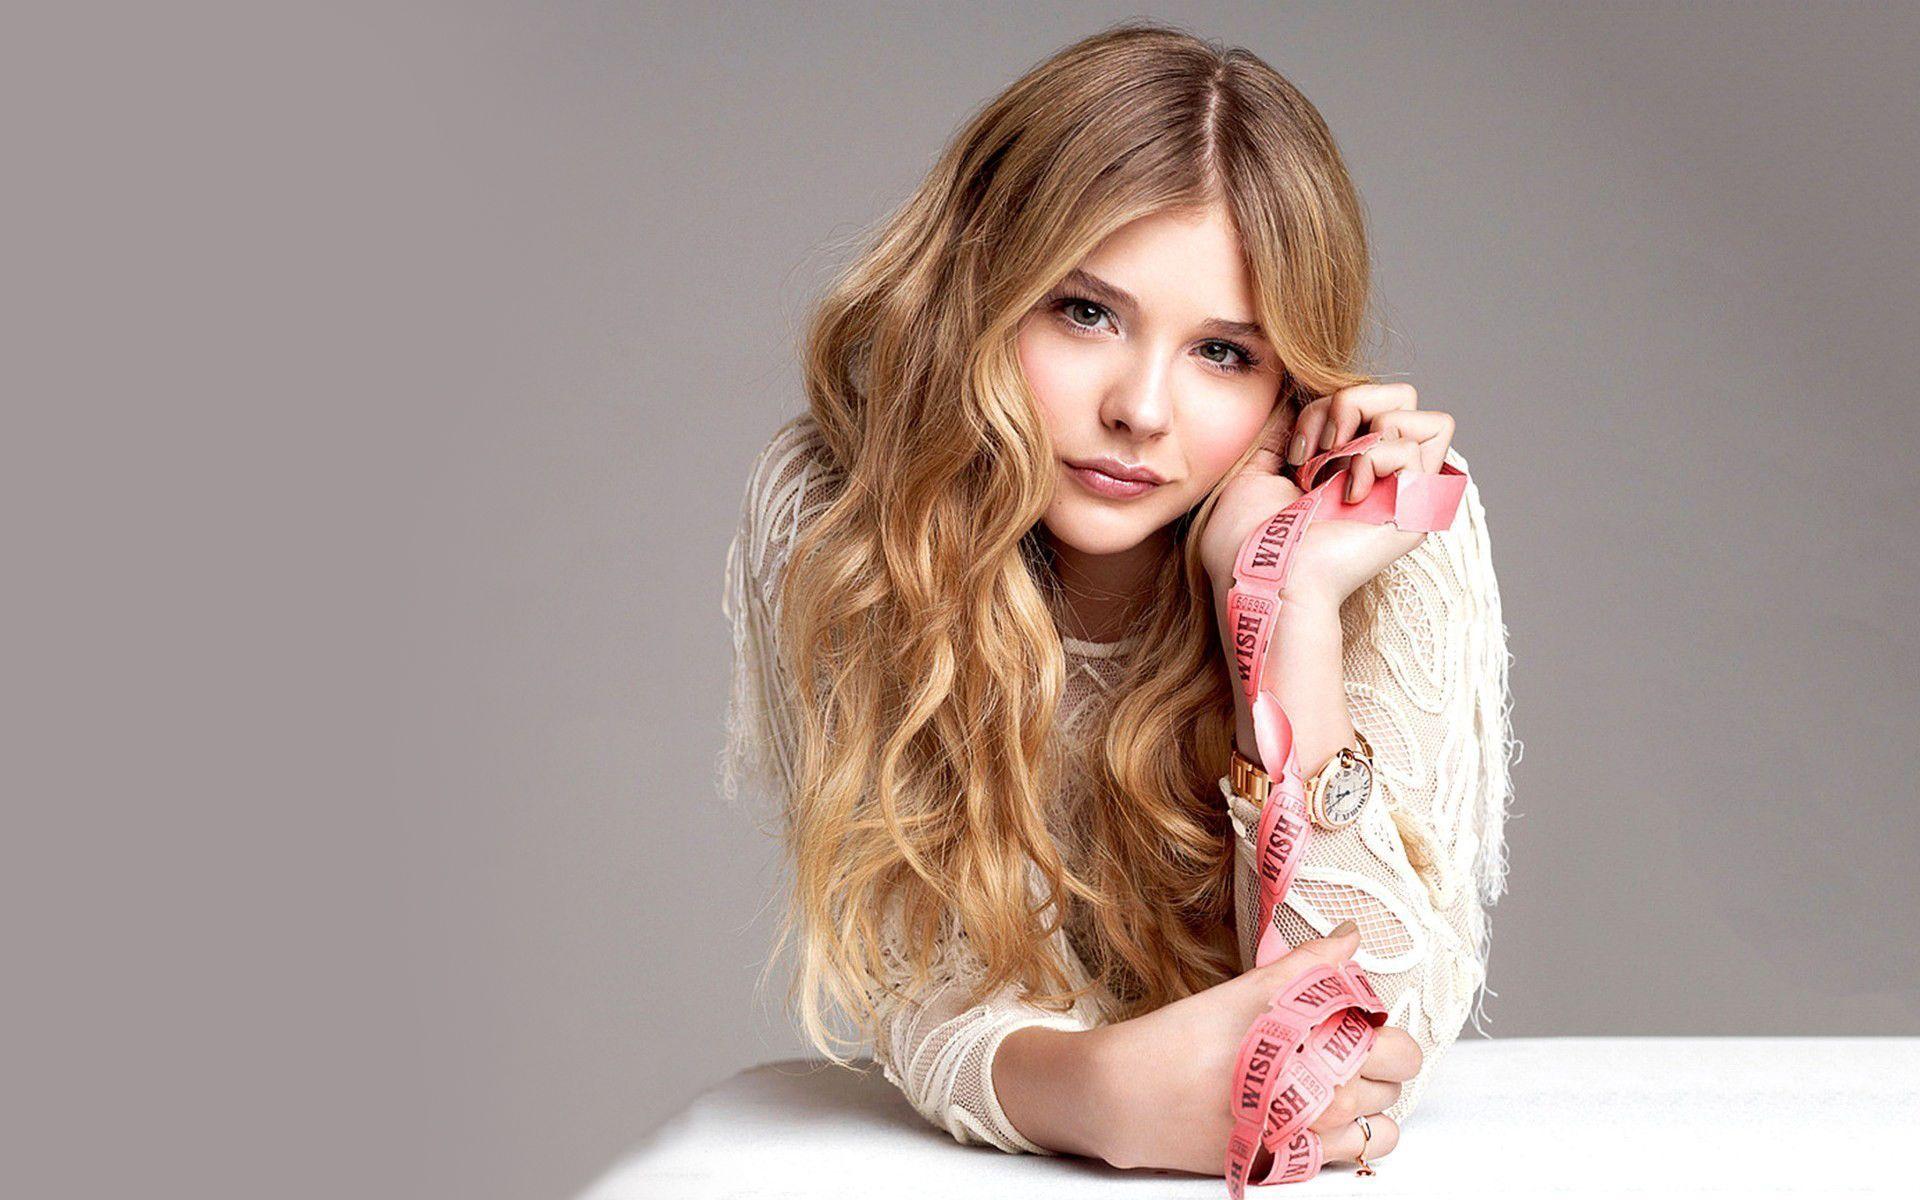 Chloe Grace HD